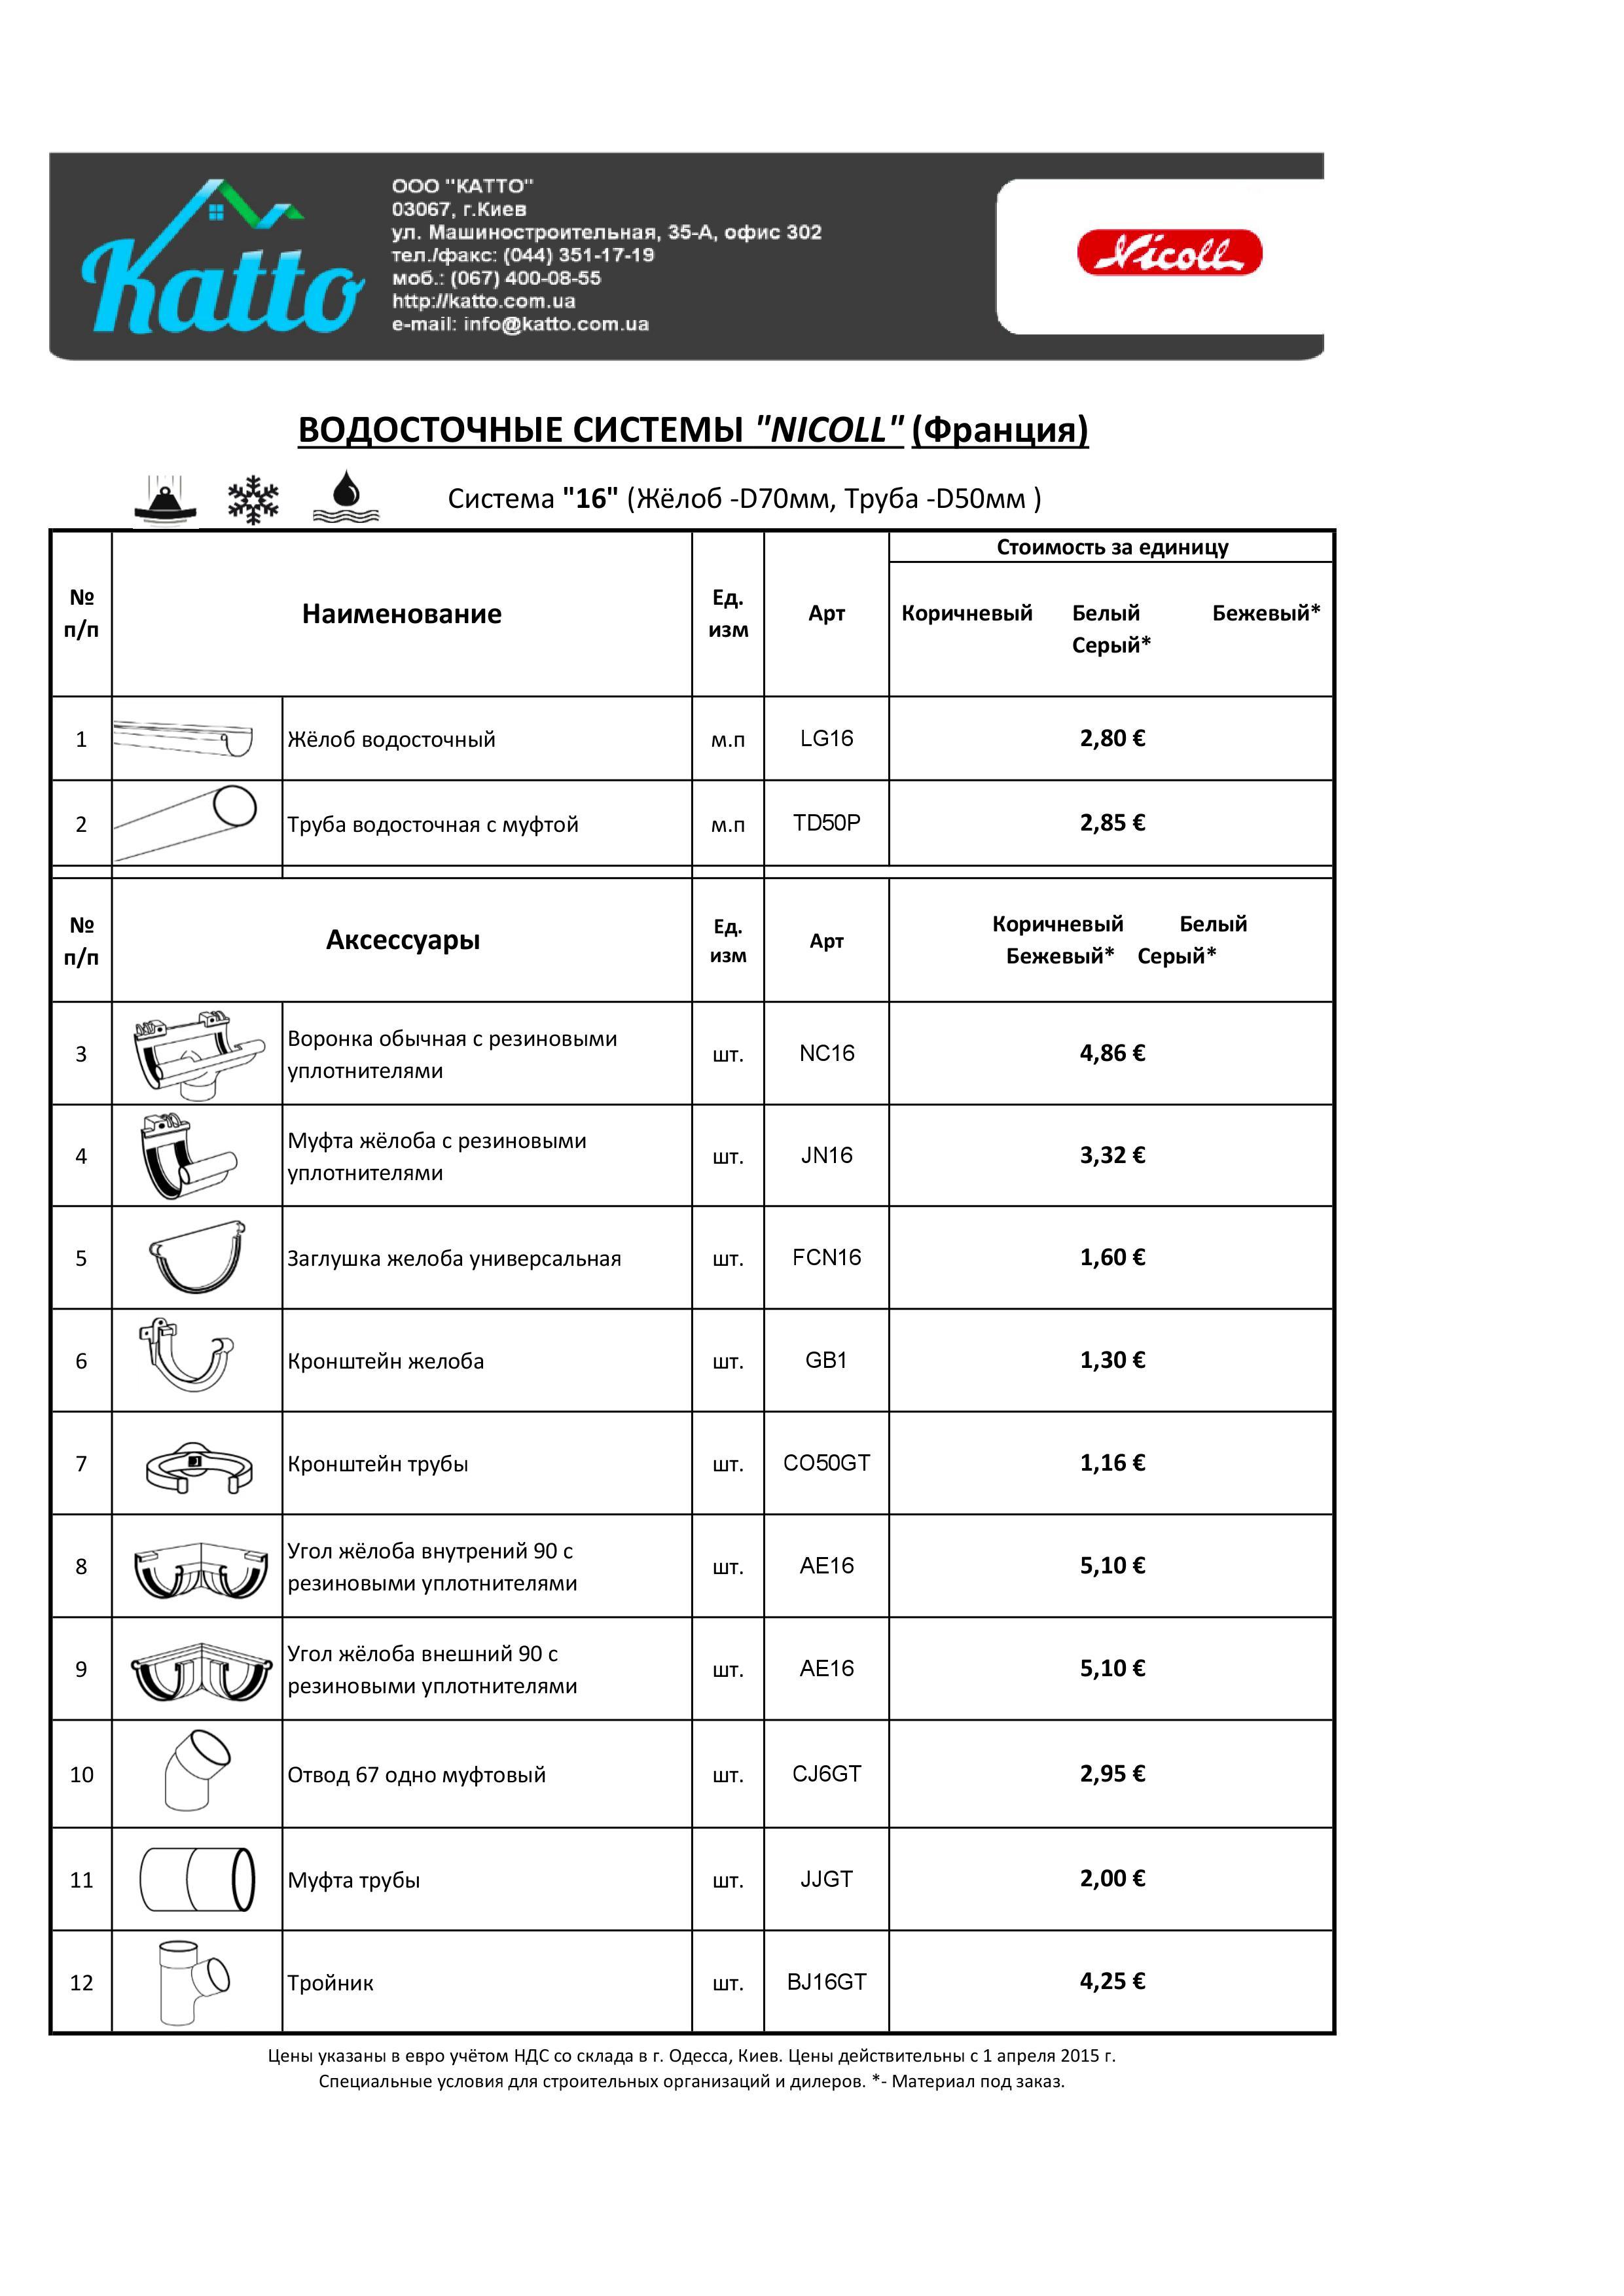 Nicoll водосточная система прайс-лист